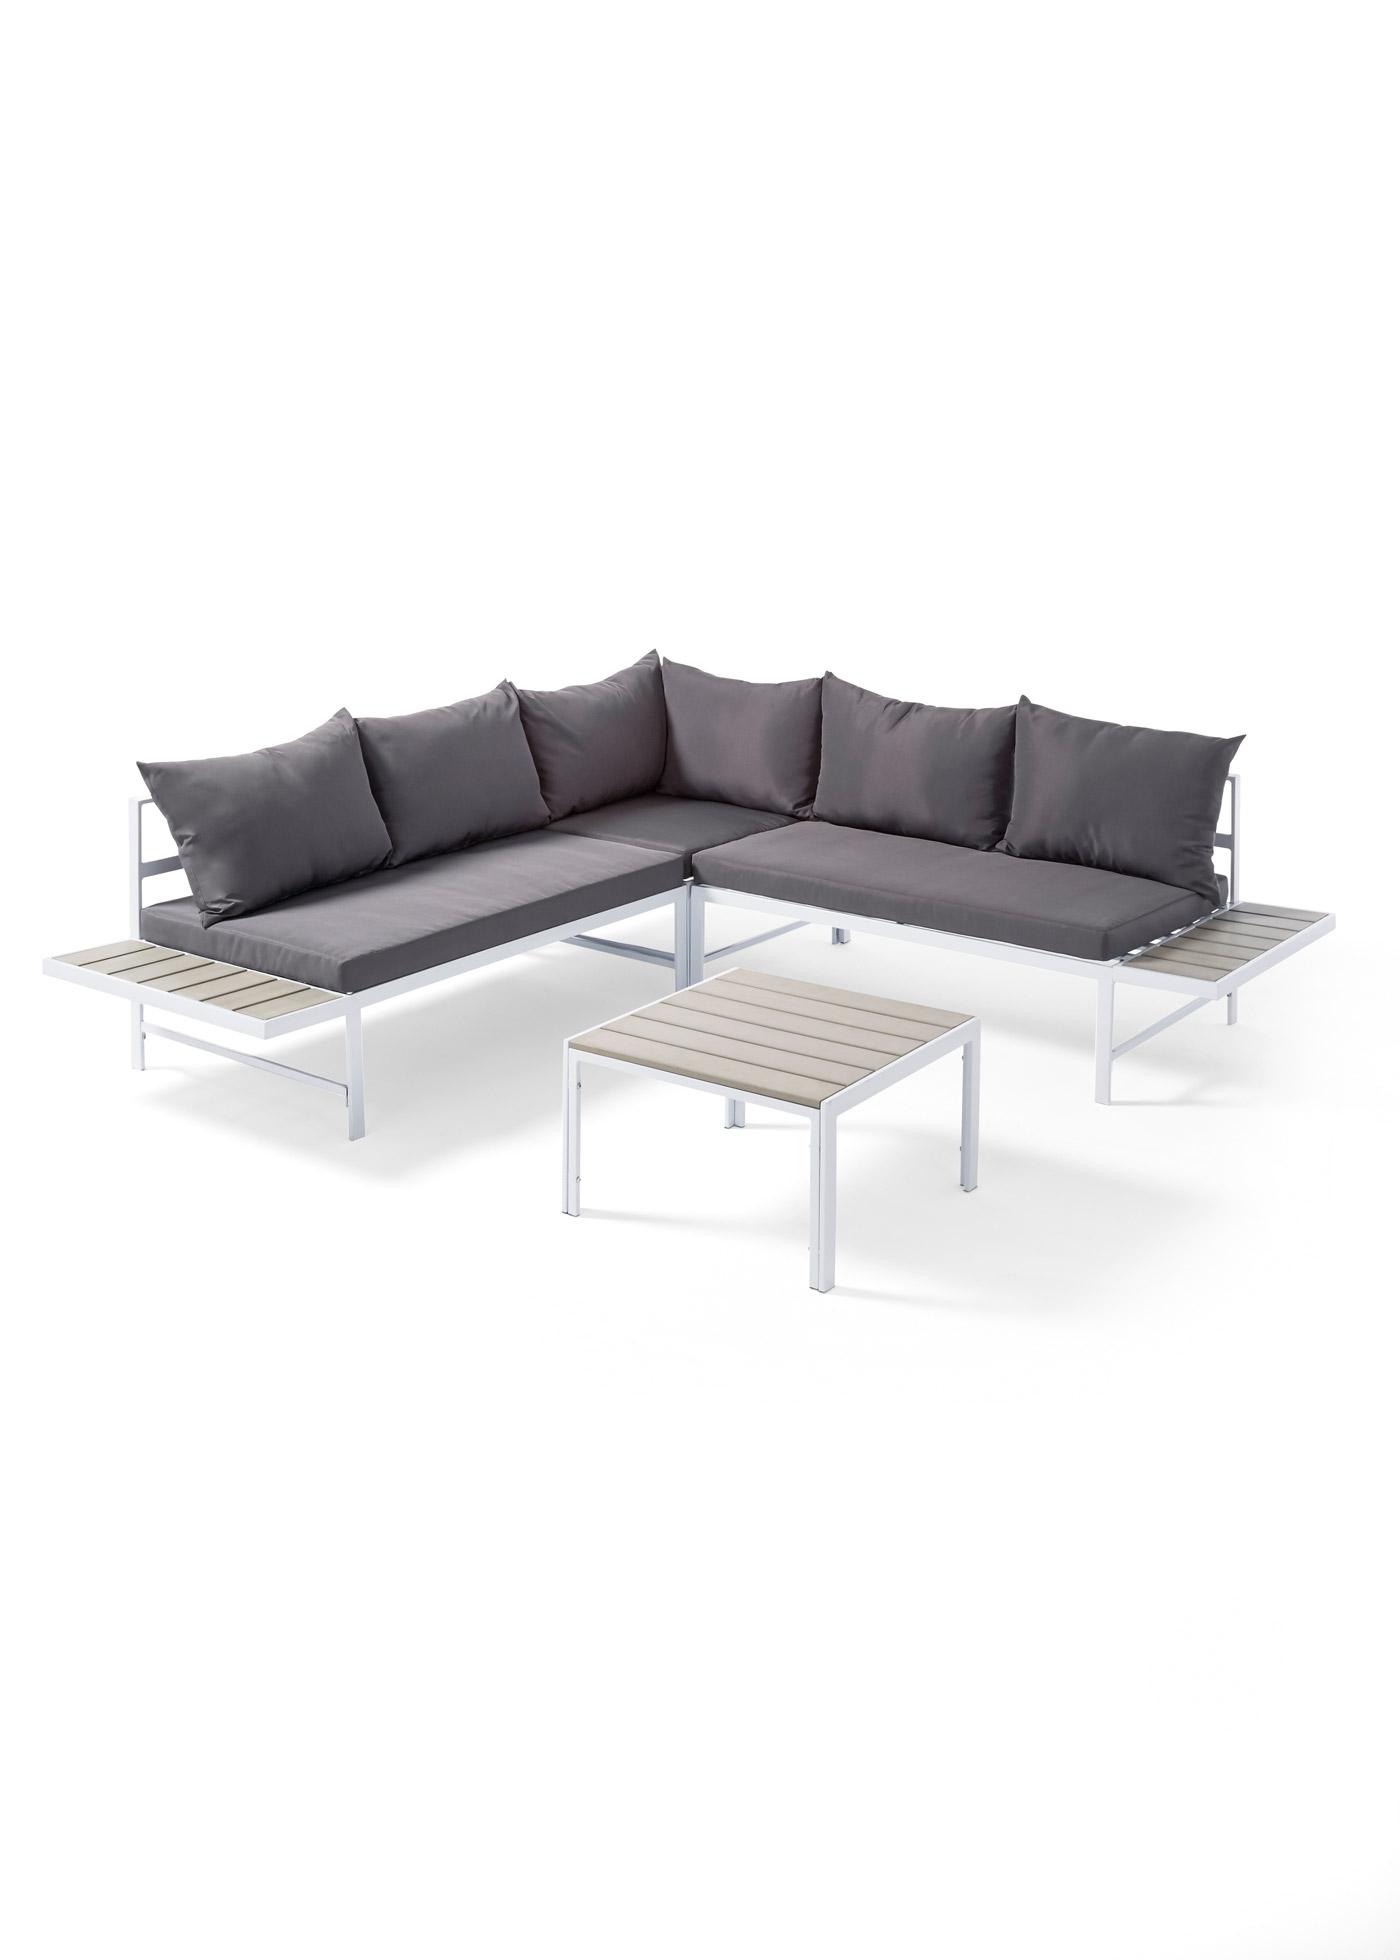 """Salon de jardin lounge en imitation bois avec structure en métal, comprenant un canapé d""""angle et une table. Hauteur d""""assise env. 40 cm. Avec matelas, env. 8 cm d""""épaisseur et coussins env. 16 cm d""""épaisseur. Capacité de charge totale"""